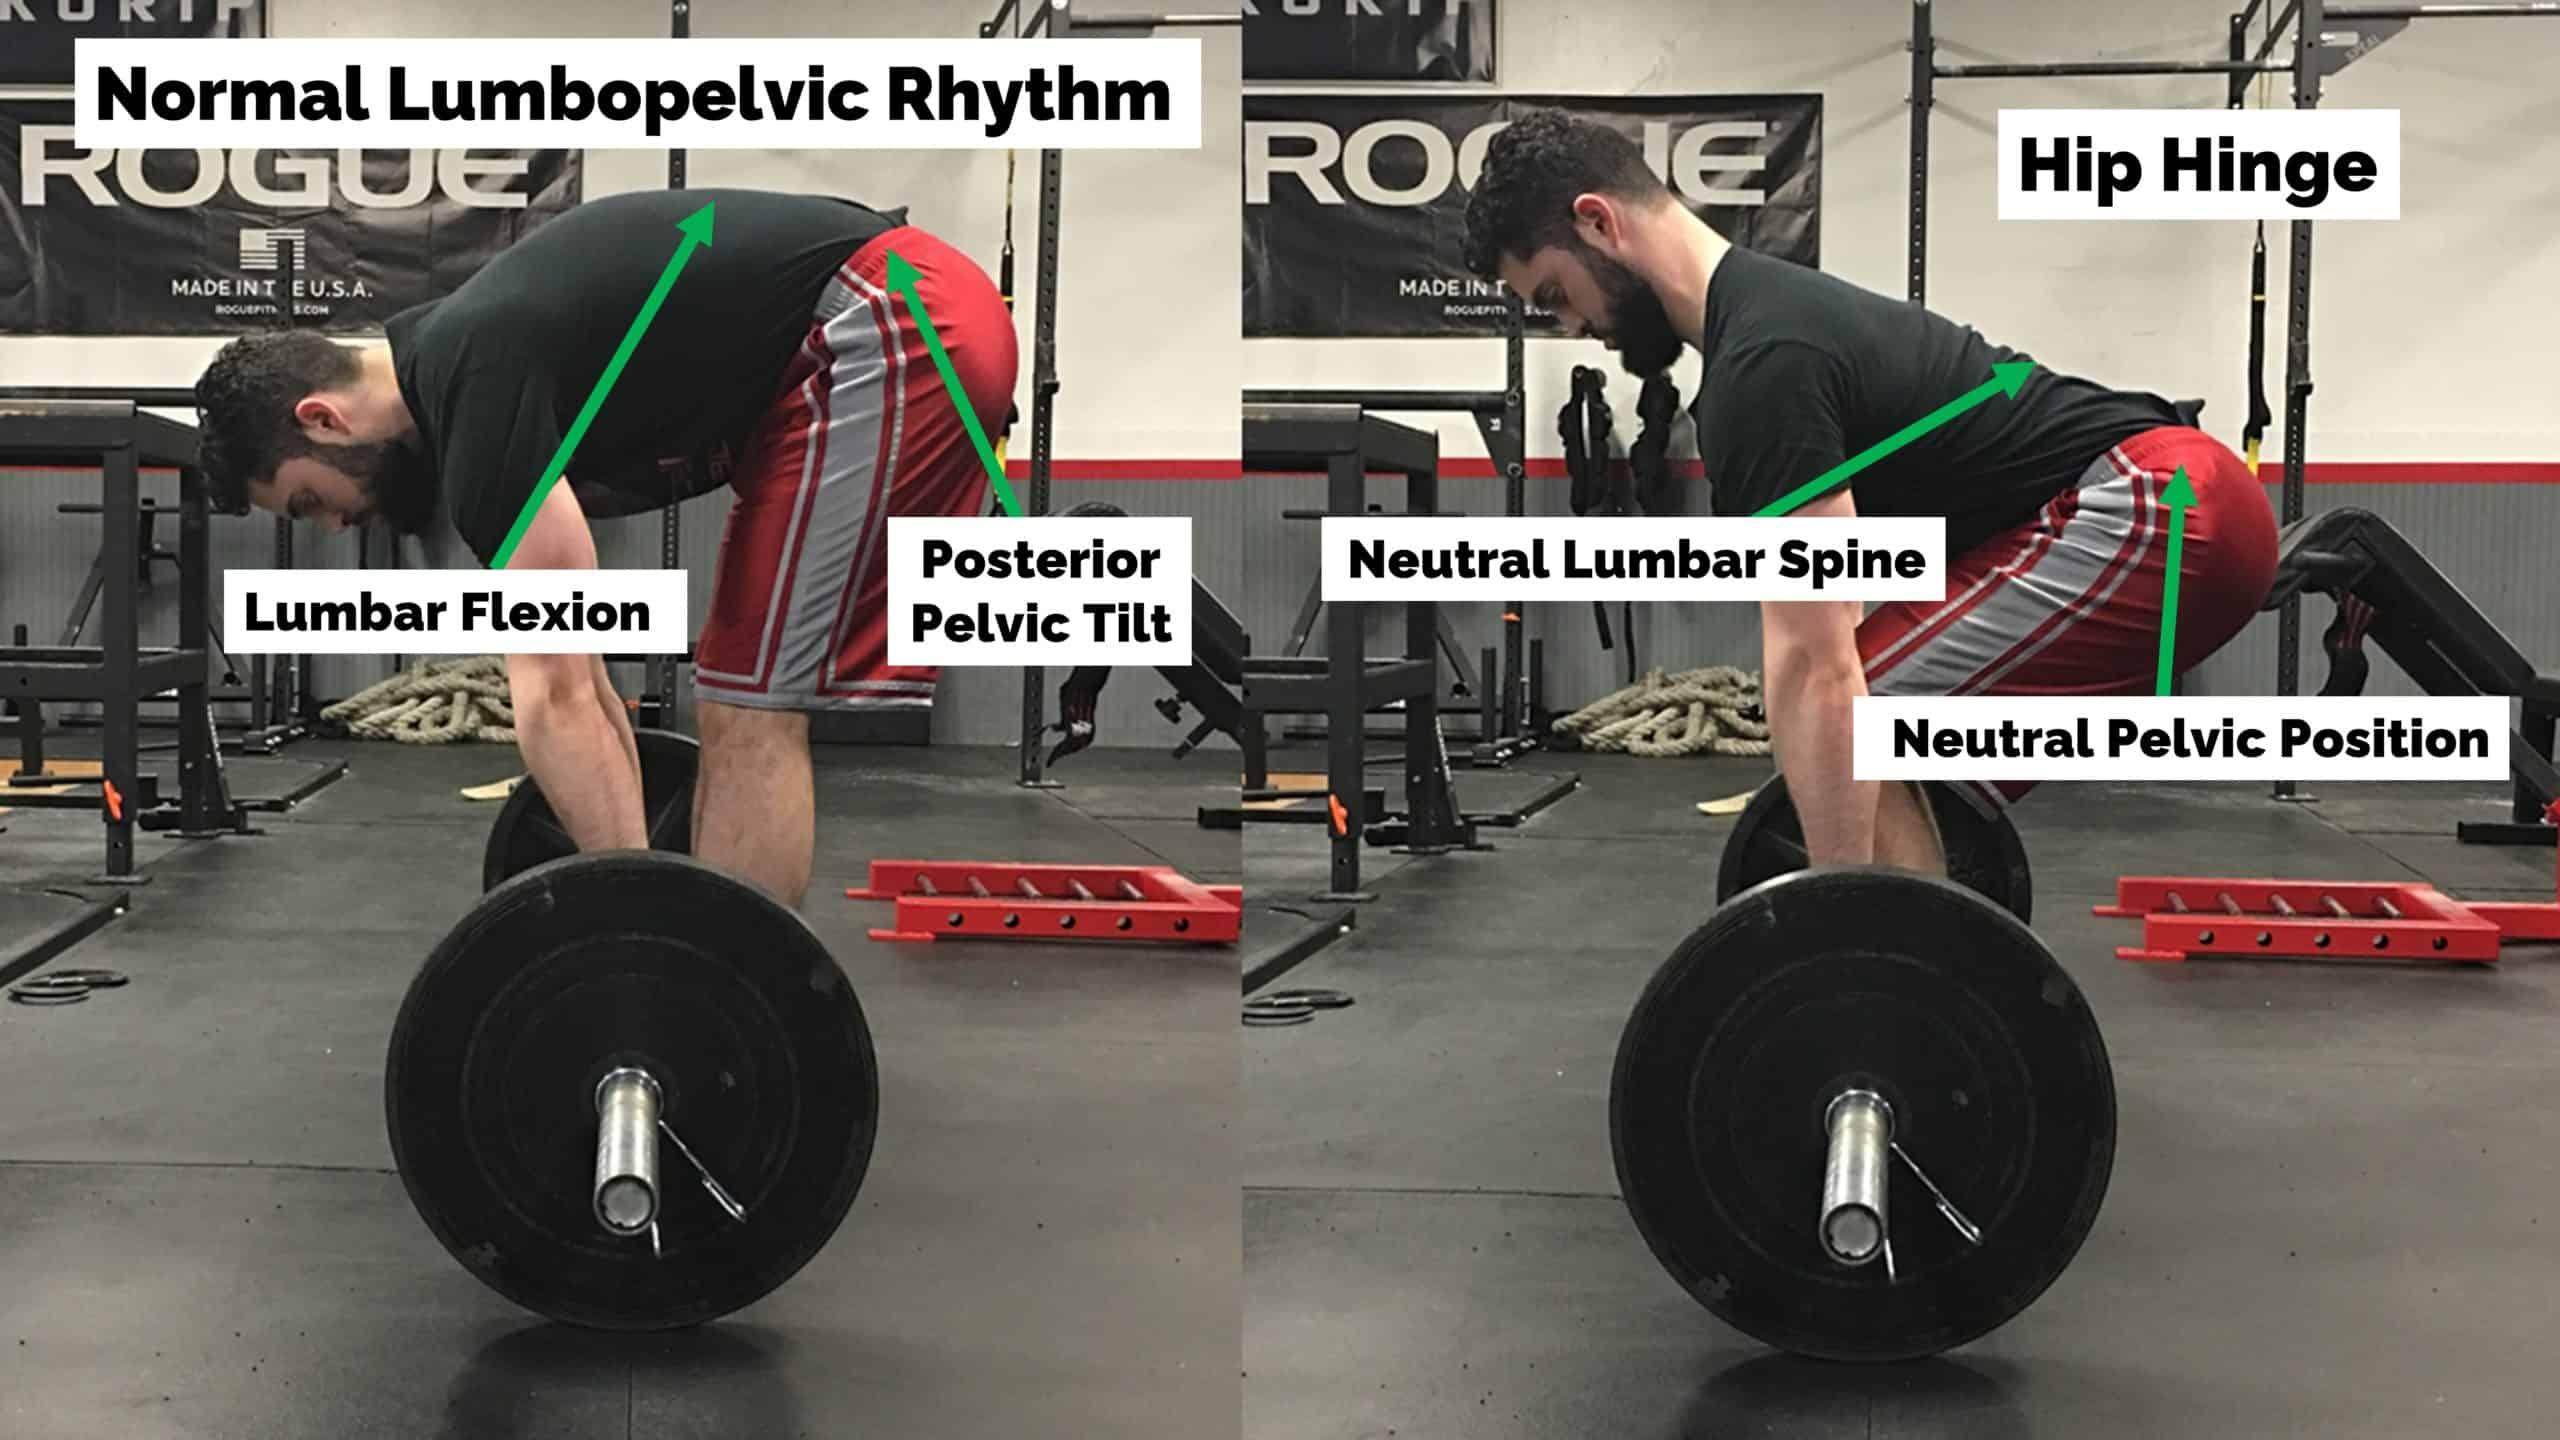 spinal flexion vs. hip hinge